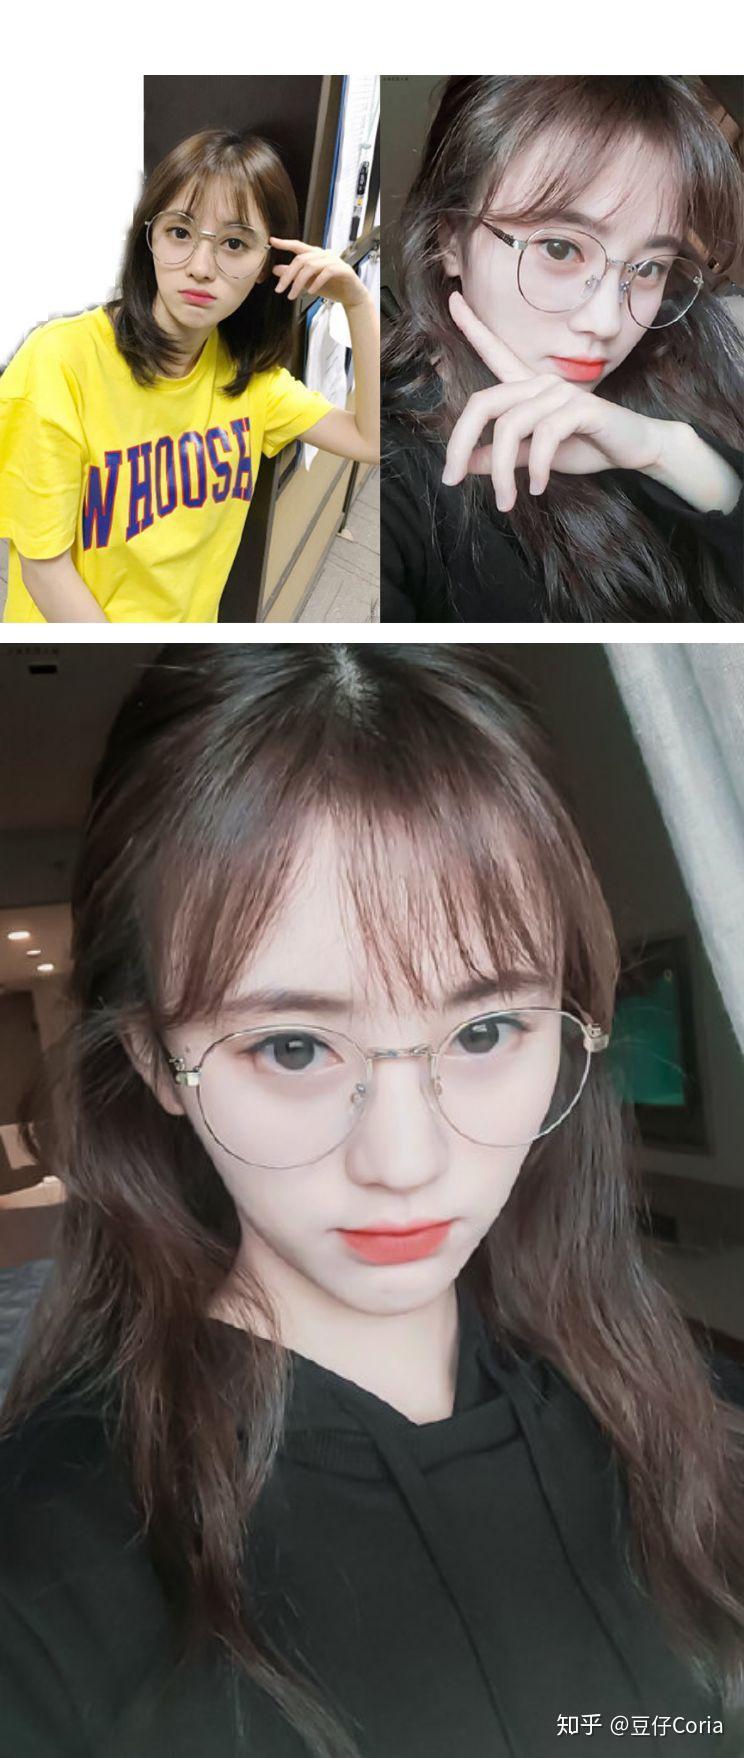 眼镜框女生图片_不同脸型怎么选眼镜框?这是一篇颠覆你想象的镜框选购指南 ...